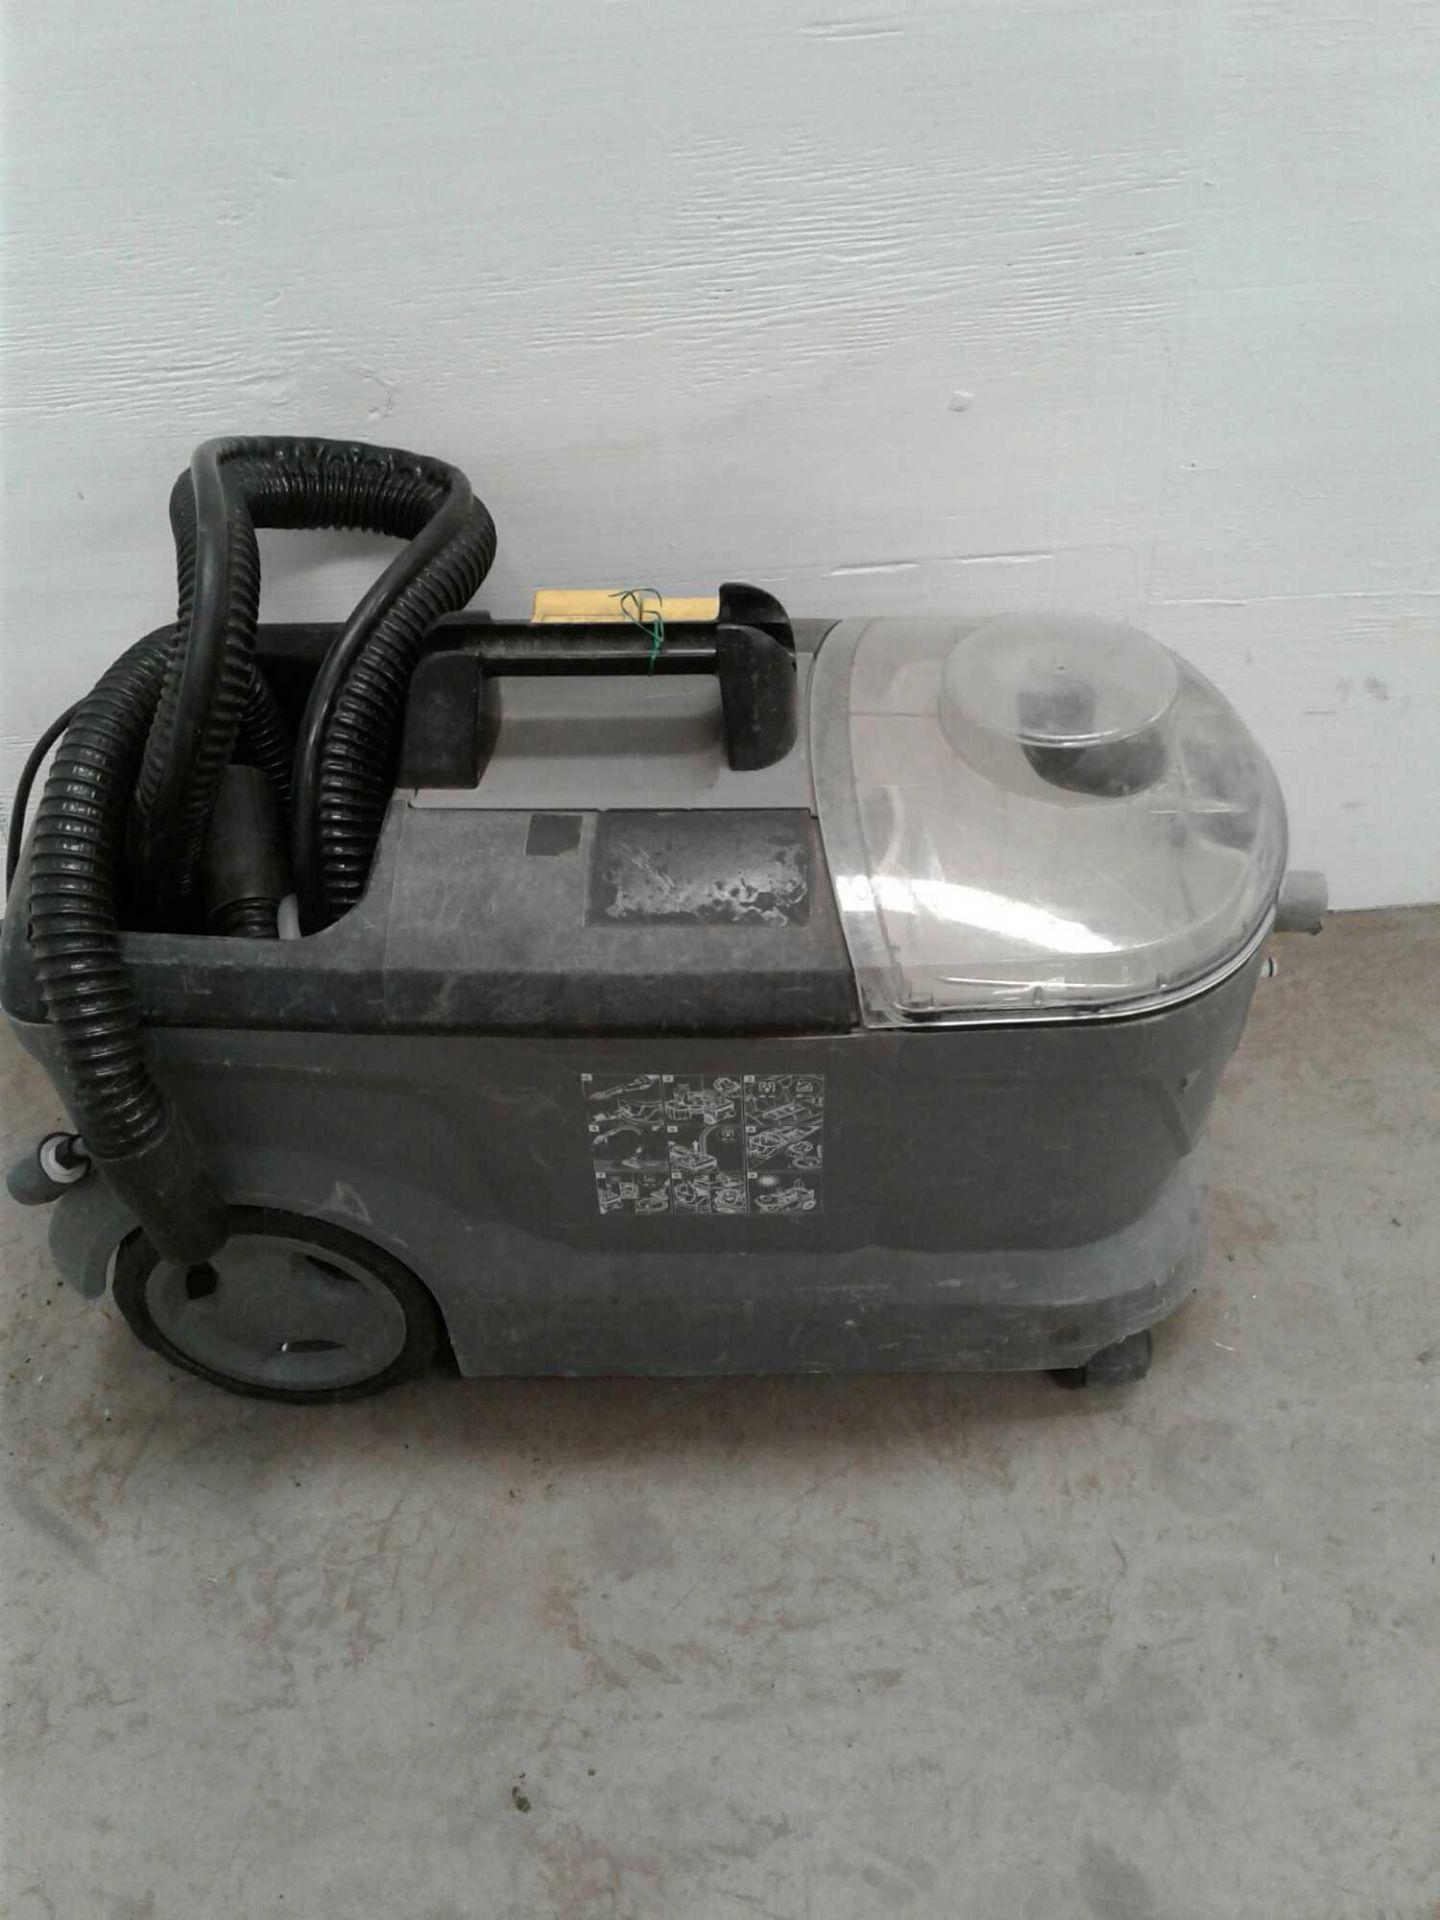 Lot 57 - Karcher carpet cleaner 230 V